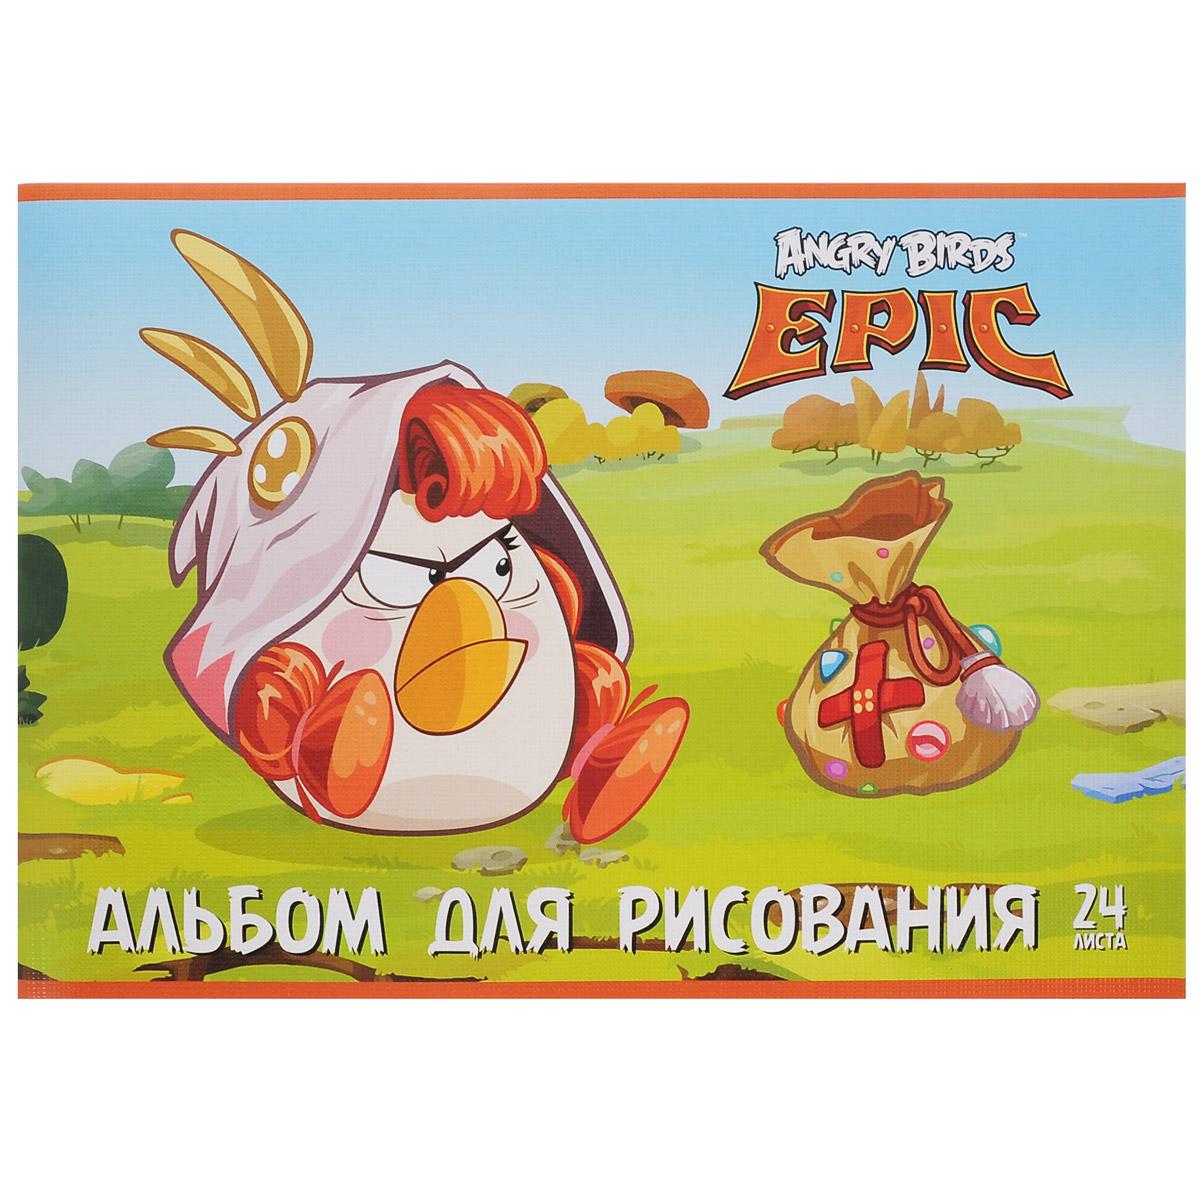 Альбом для рисования Angry Birds Epic Медик, 24 листа37211Альбом для рисования Angry Birds с ярким изображением любимого мультипликационного героя на обложке будет радовать и вдохновлять юных художников на творческий процесс. Бумага альбома отличается высокой прочностью. Обложка выполнена из картона с тиснением. Крепление - скрепки. Рисование позволяет развивать творческие способности, кроме того, это увлекательный досуг.Рекомендуемый возраст: 6+.